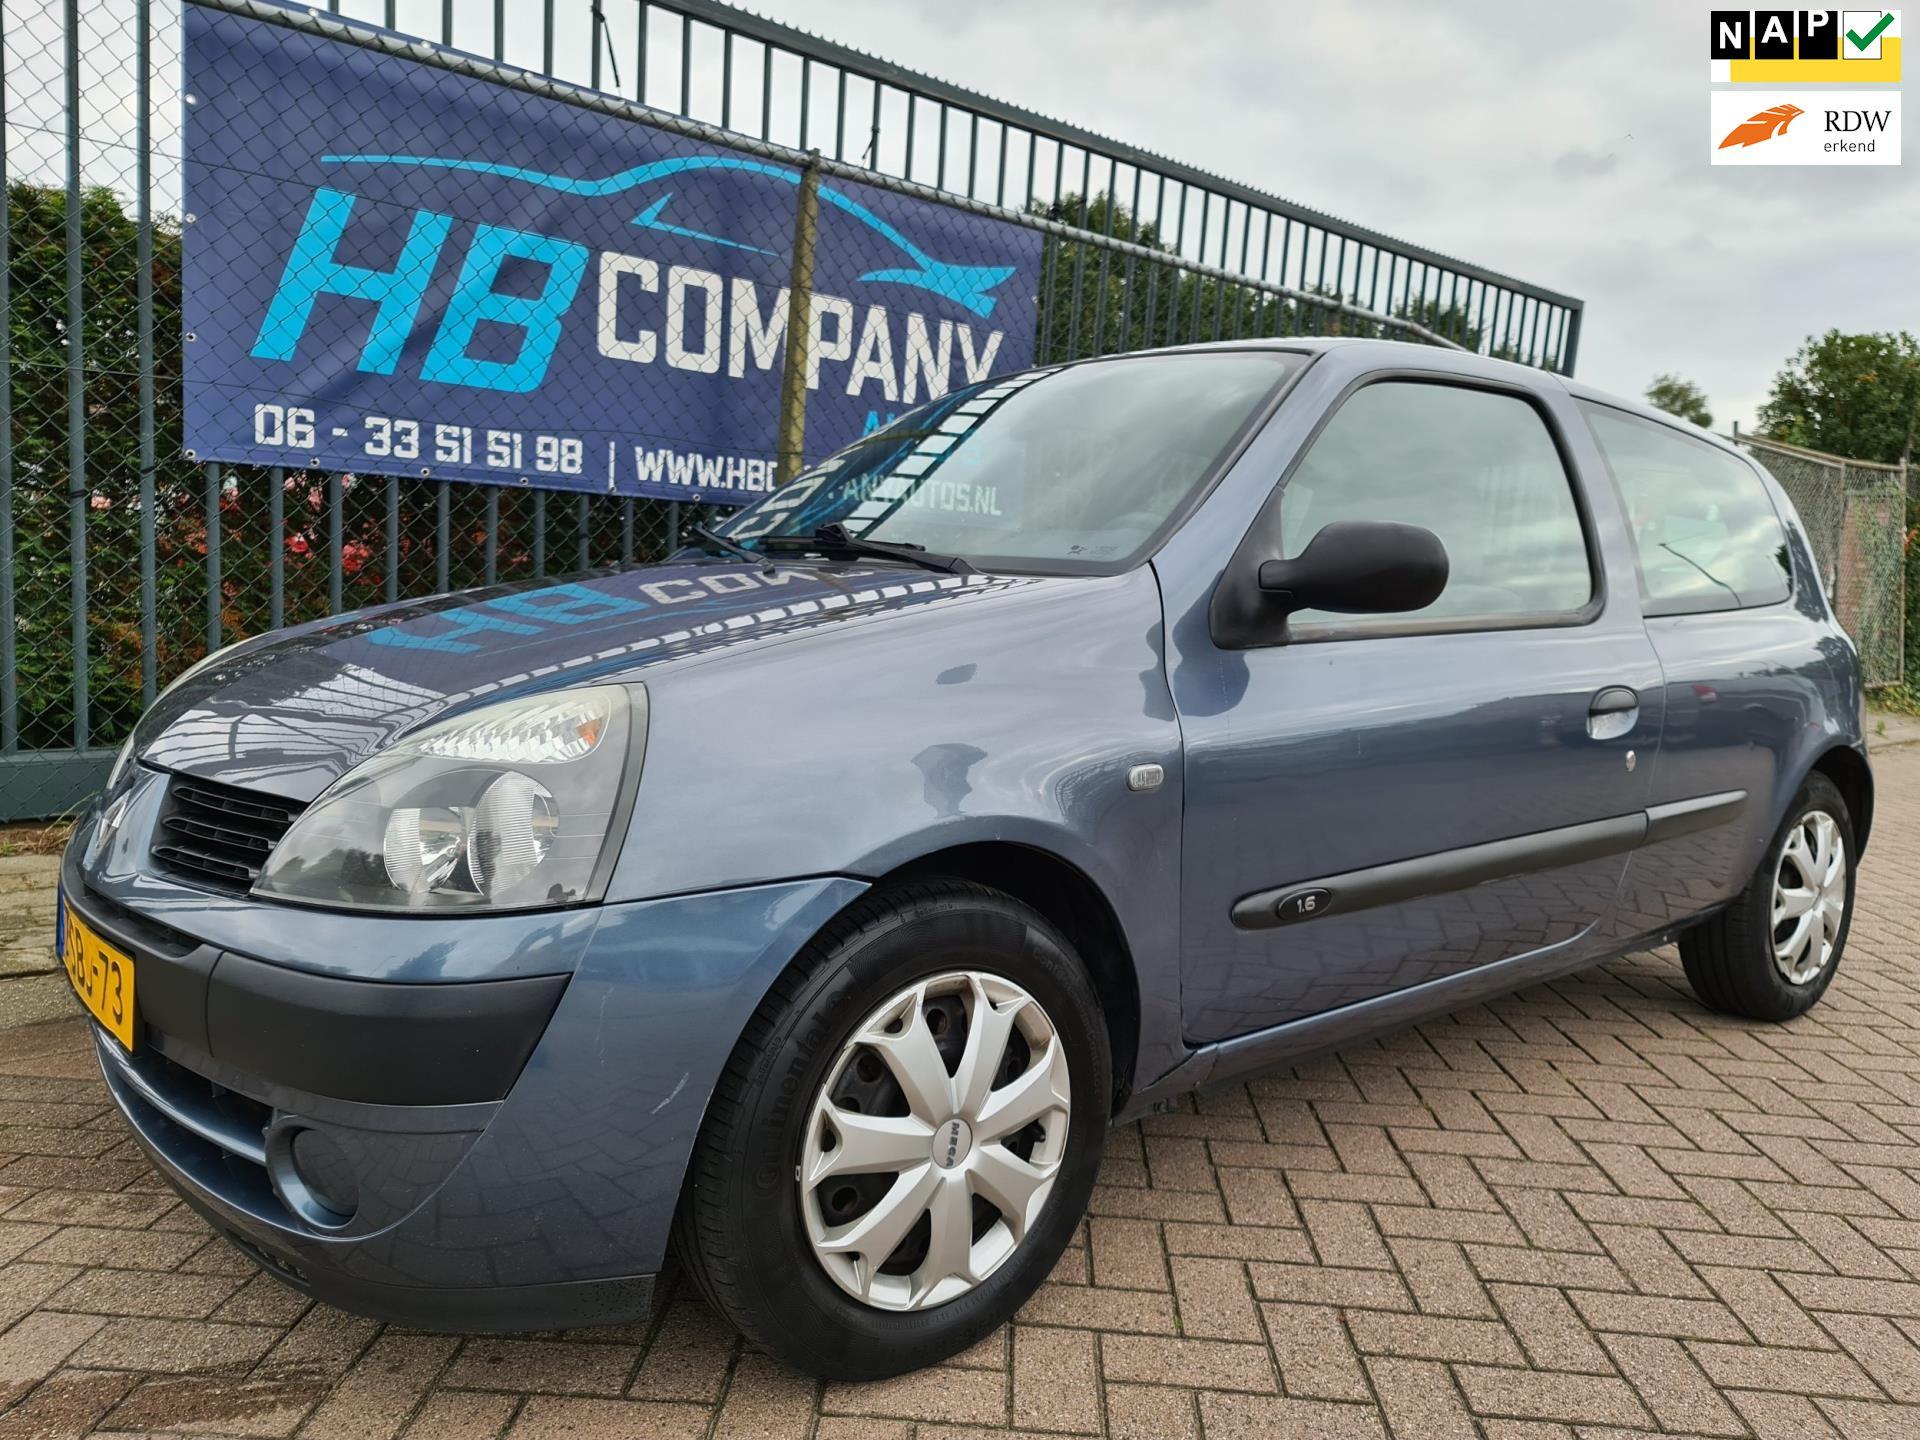 Renault Clio occasion - HB Company Auto's